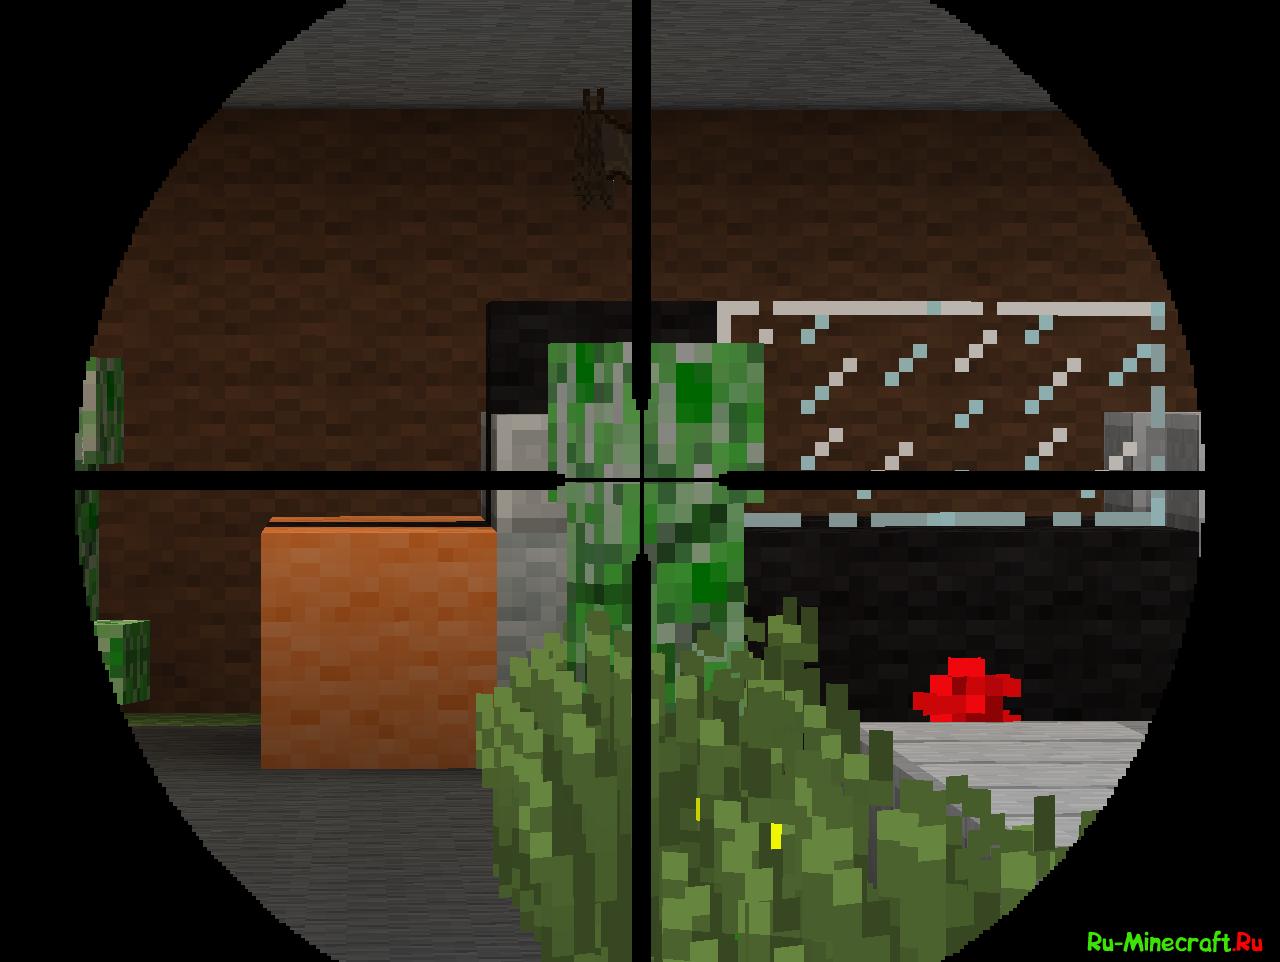 Скачать SecurityVillages v10.0 для minecraft 1.5.2